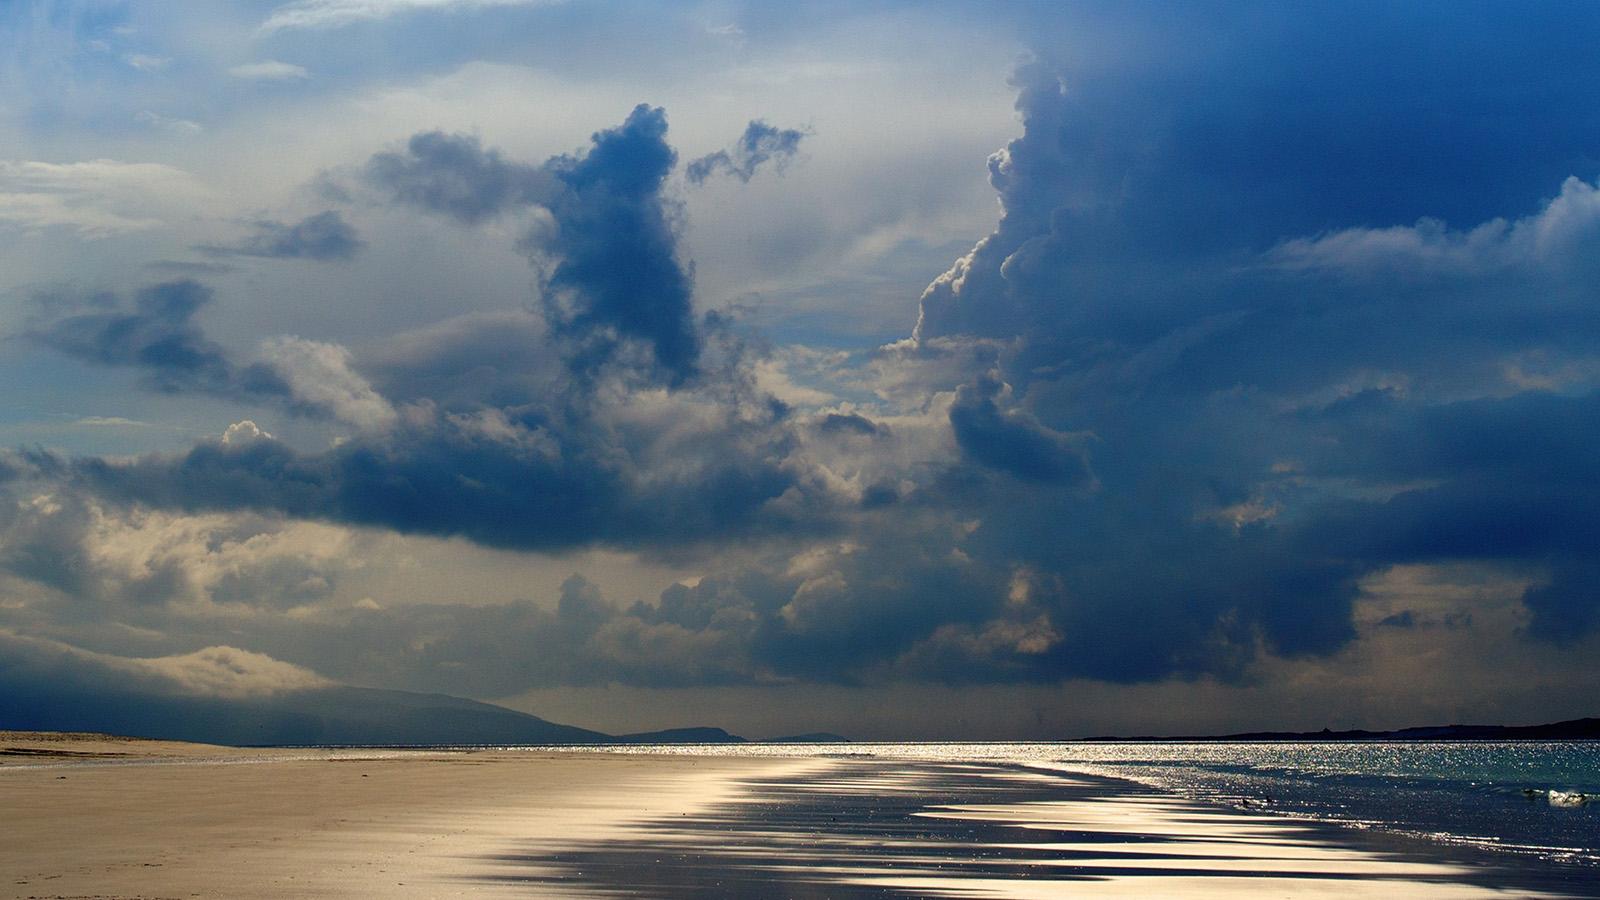 Nt29 Beach Sea Summer Rain Cloud Nature Wallpaper